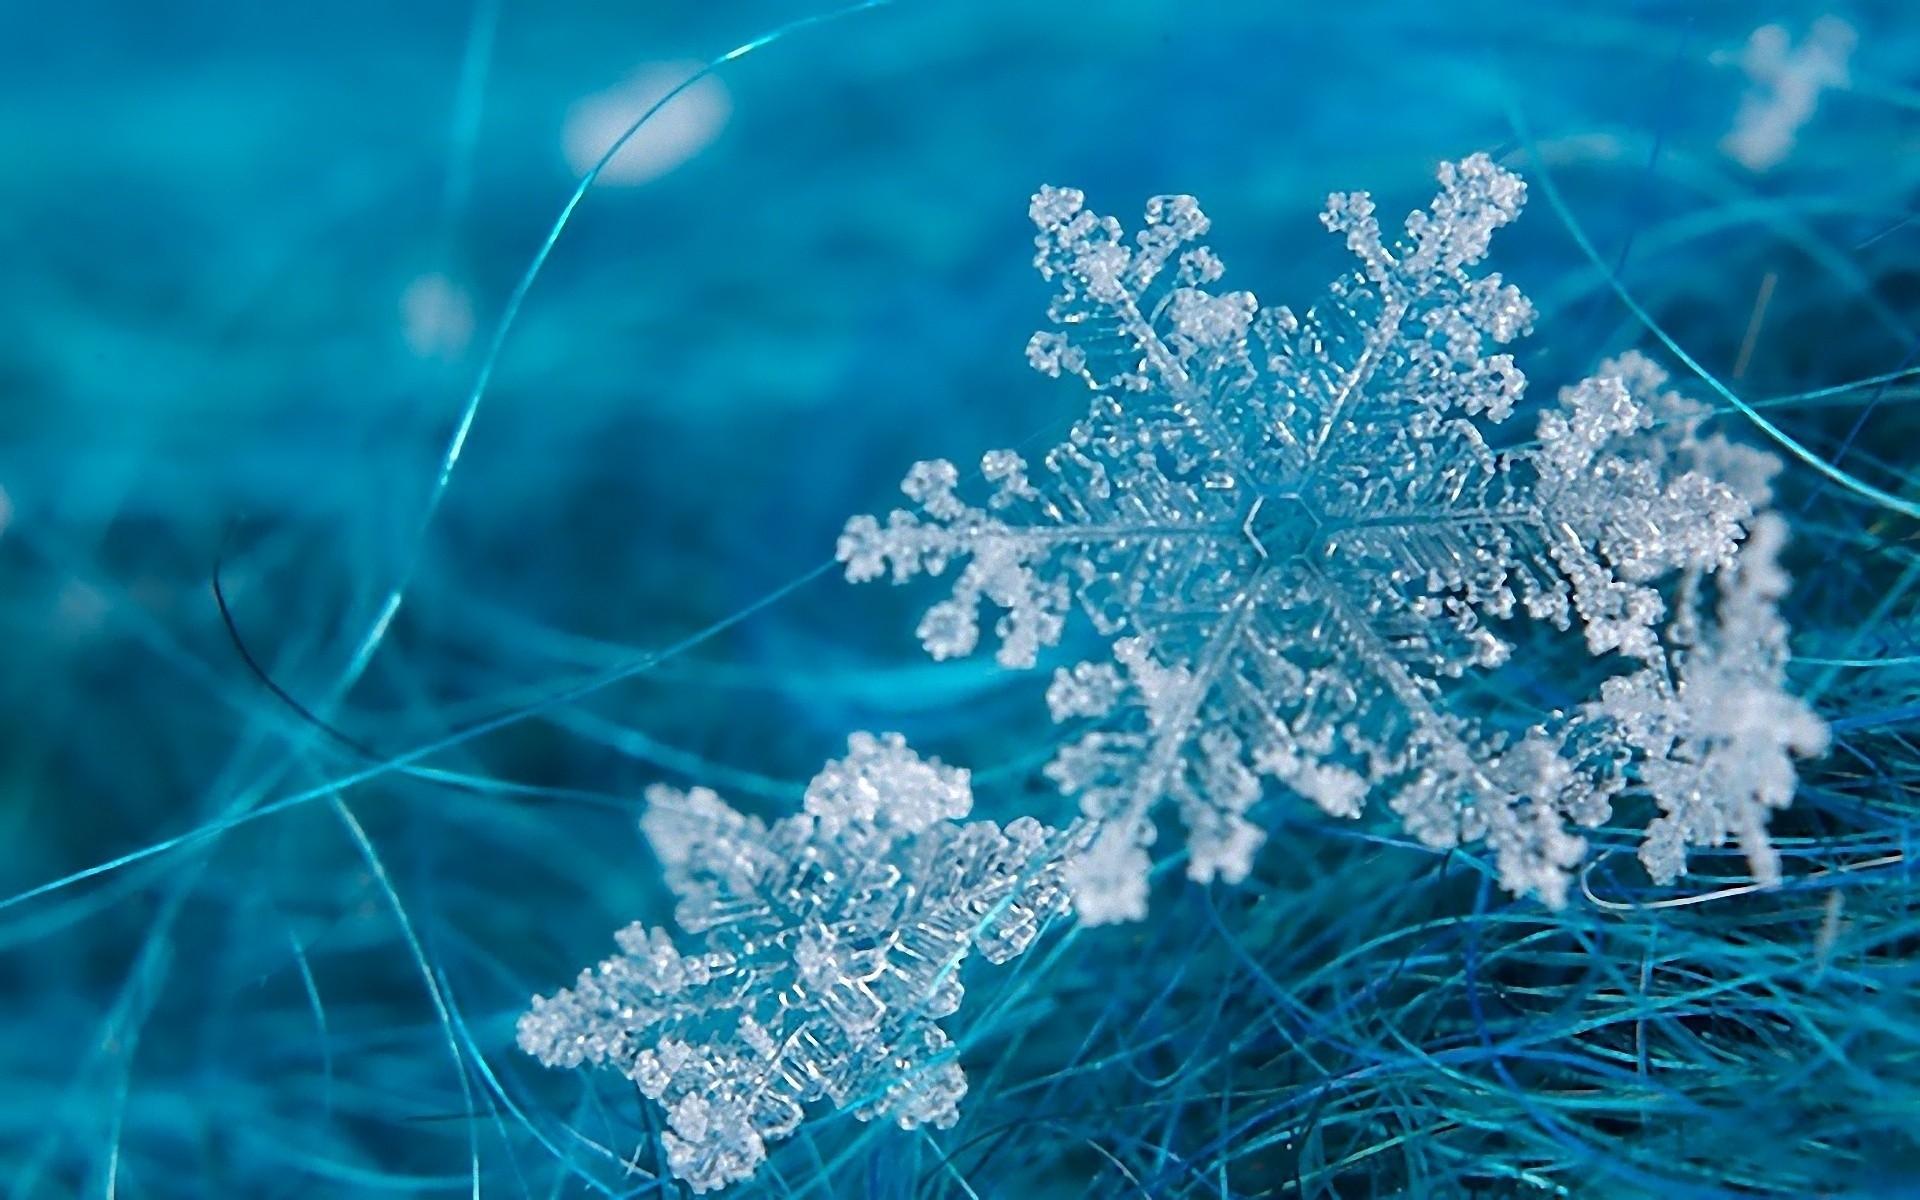 Snowflakes #6966944